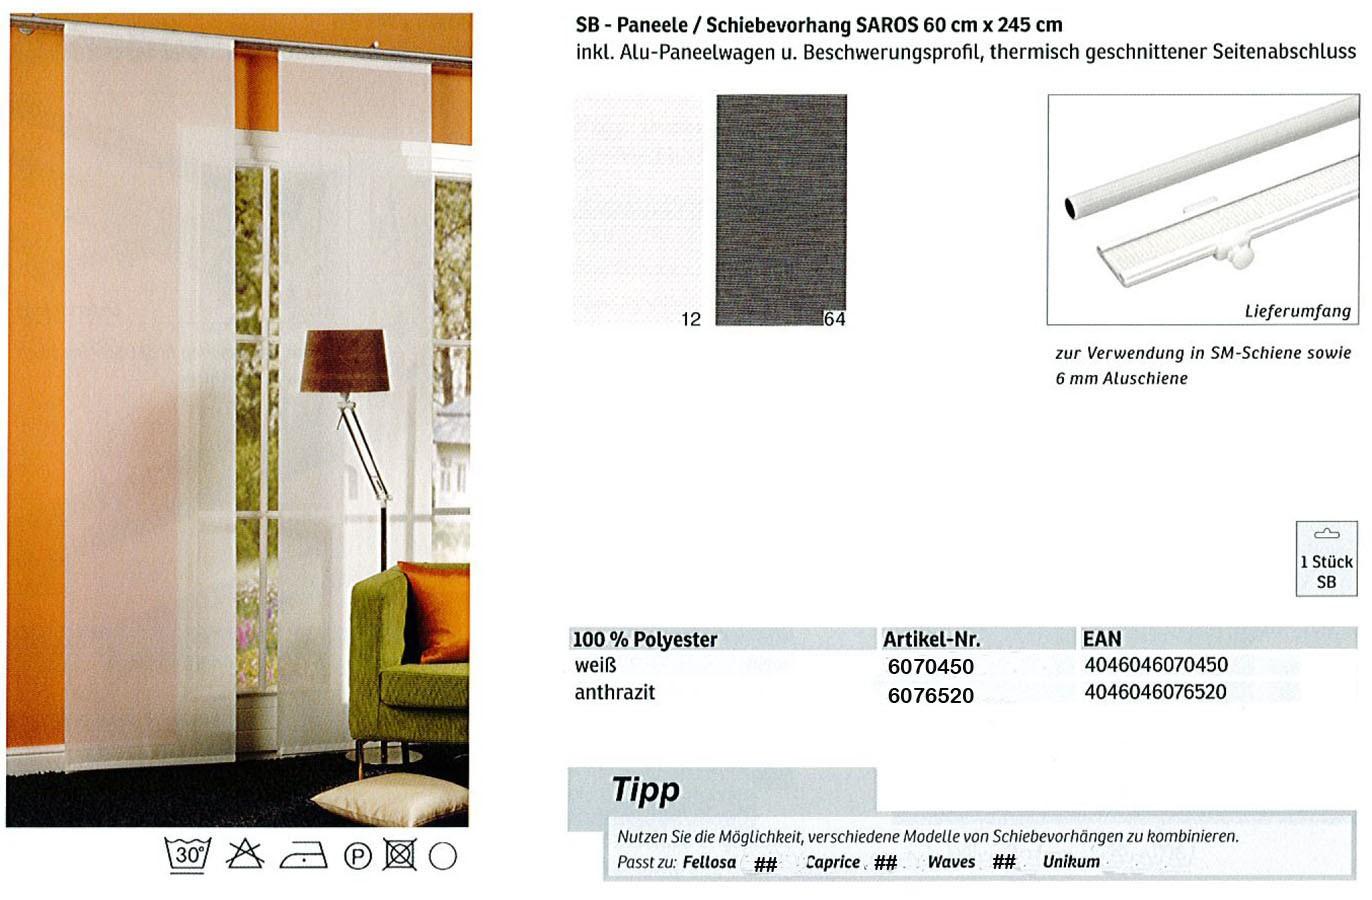 Schiebevorhang Saros anthrazit 60x245 cm